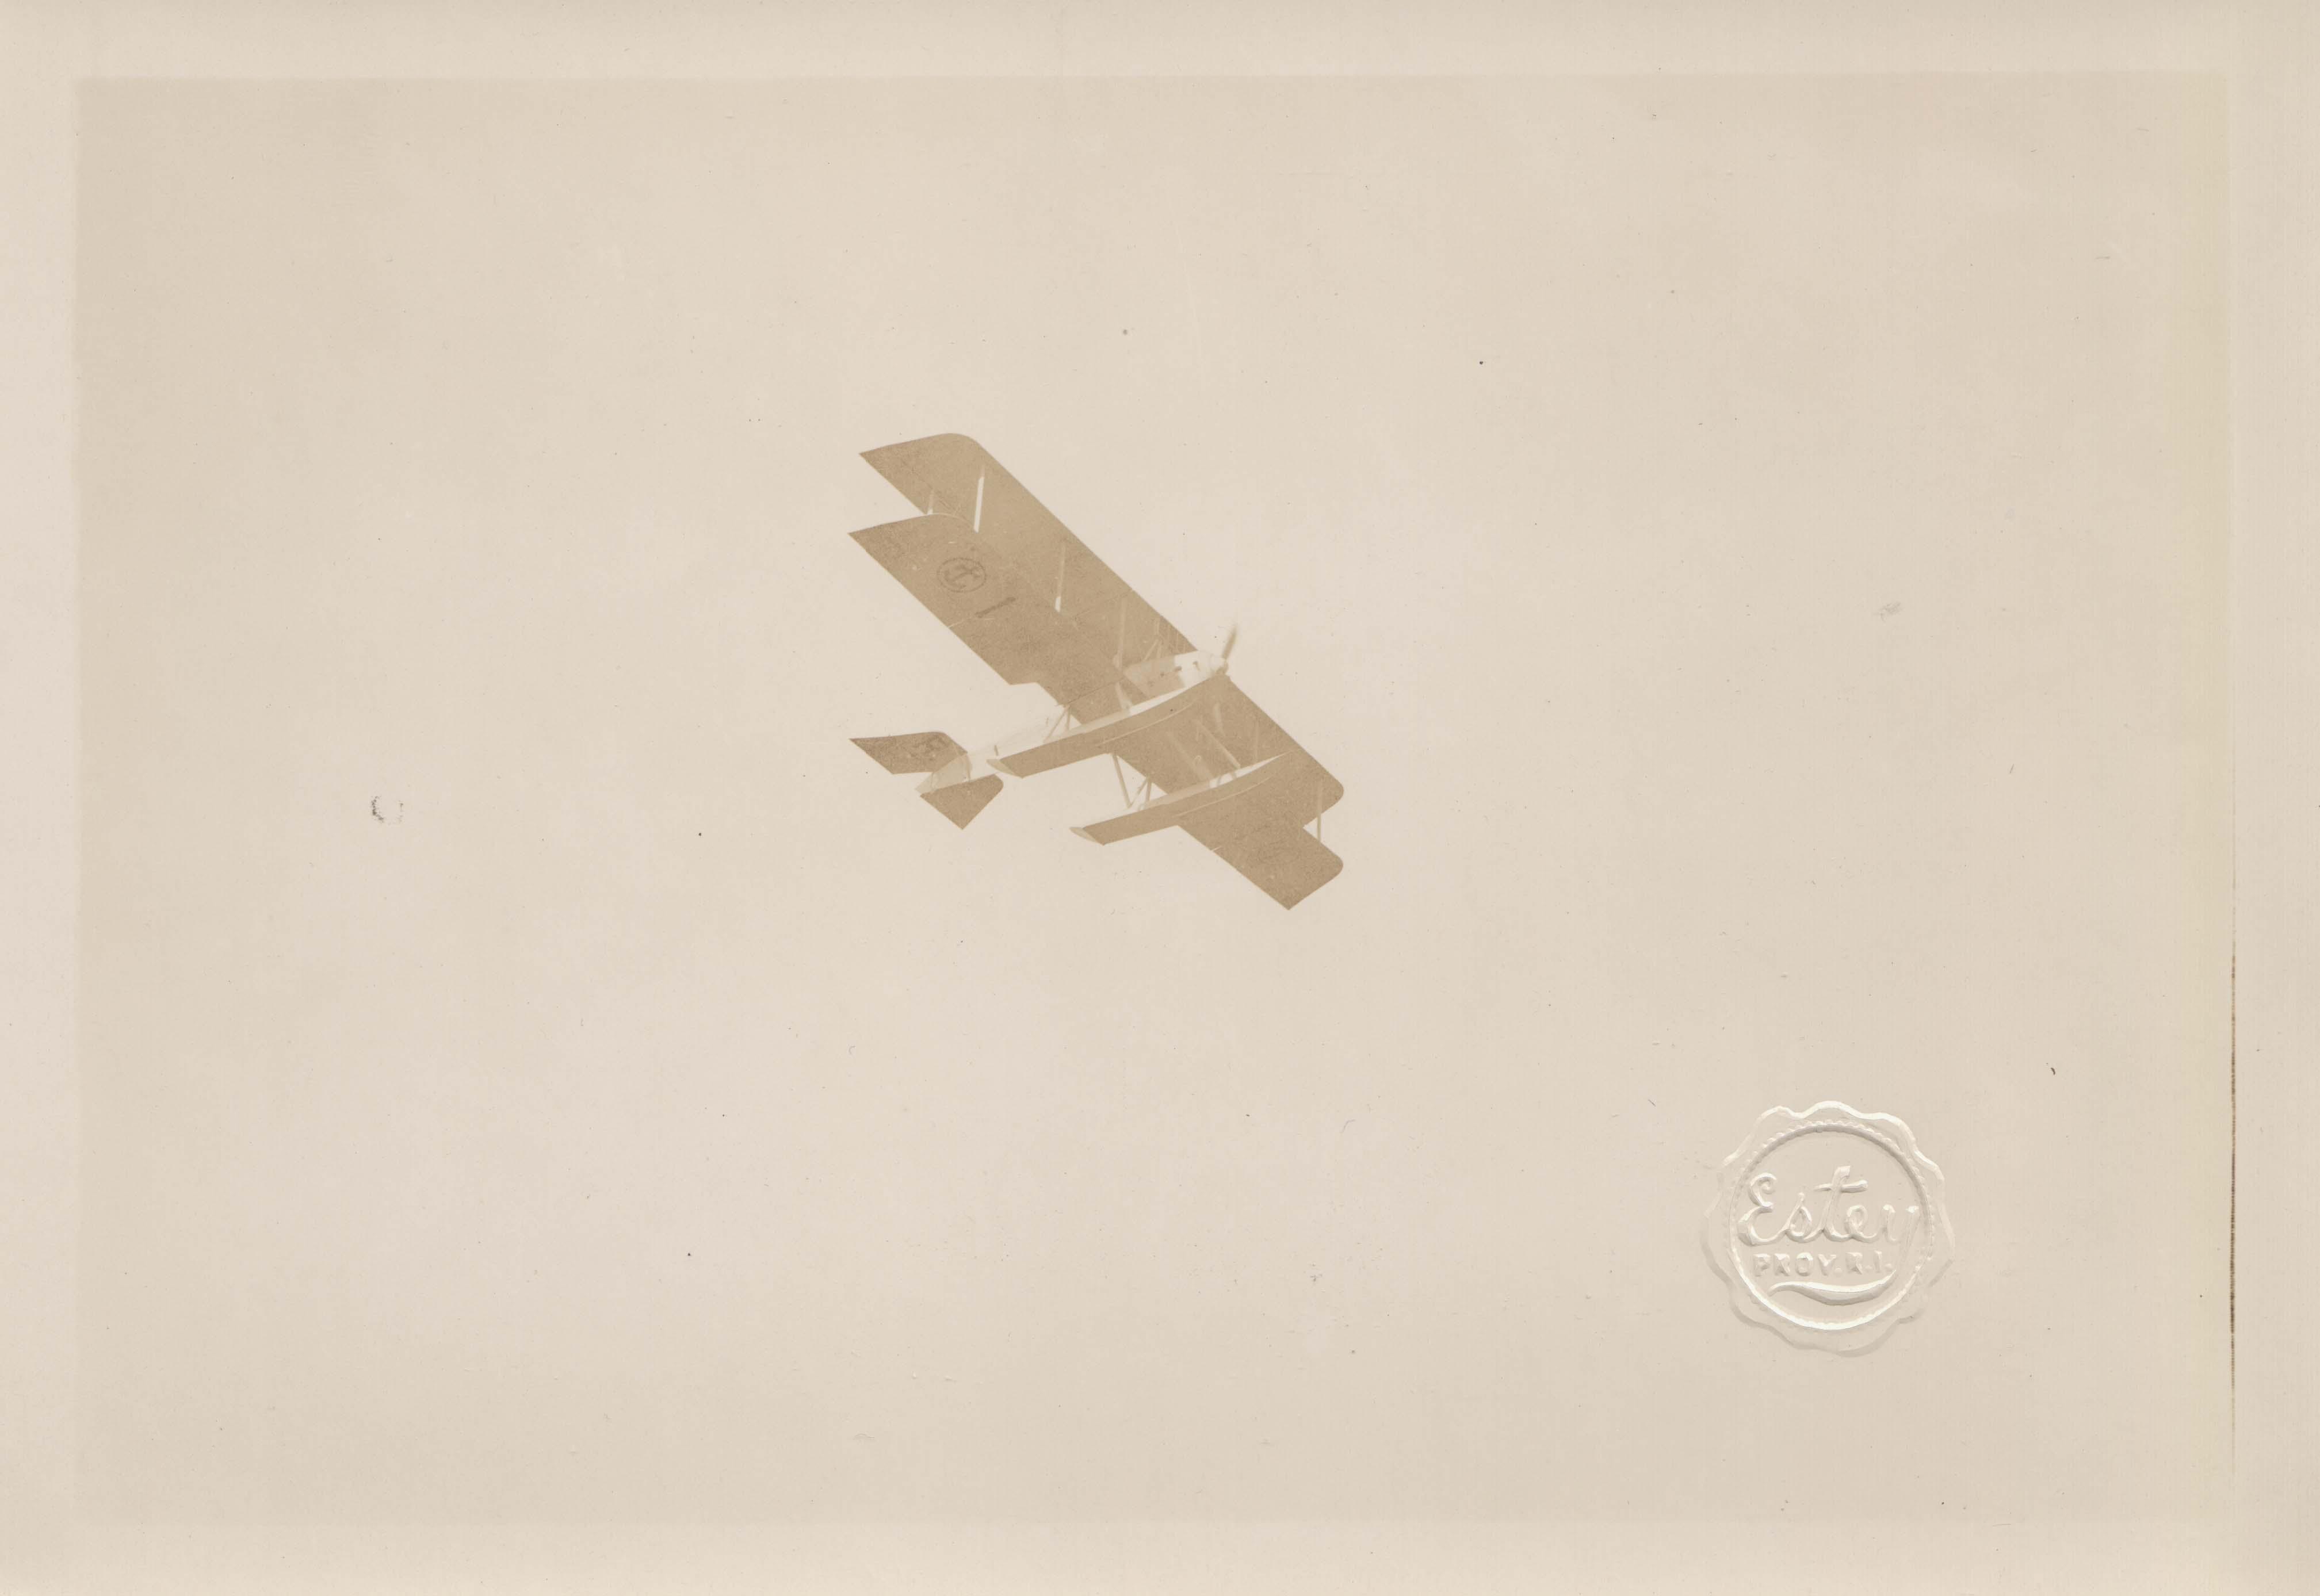 0061 Aeroplane in the sky